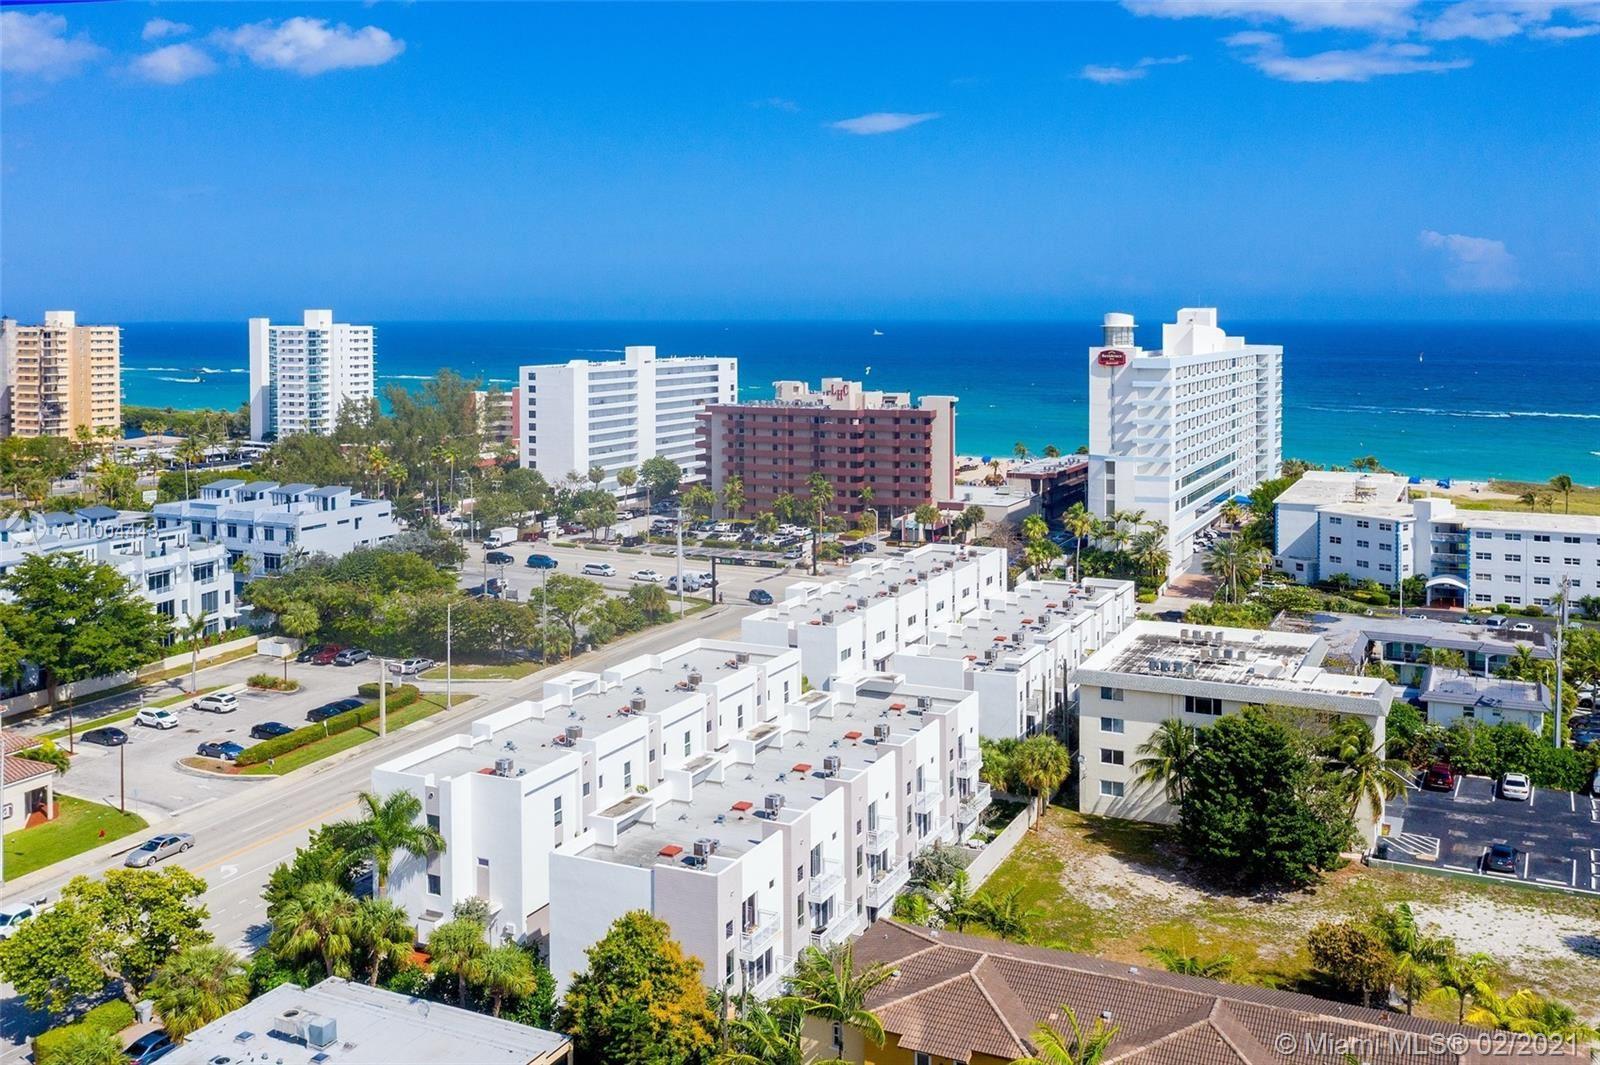 1343 N Ocean Blvd #1343, Pompano Beach, FL 33062 - #: A11004443